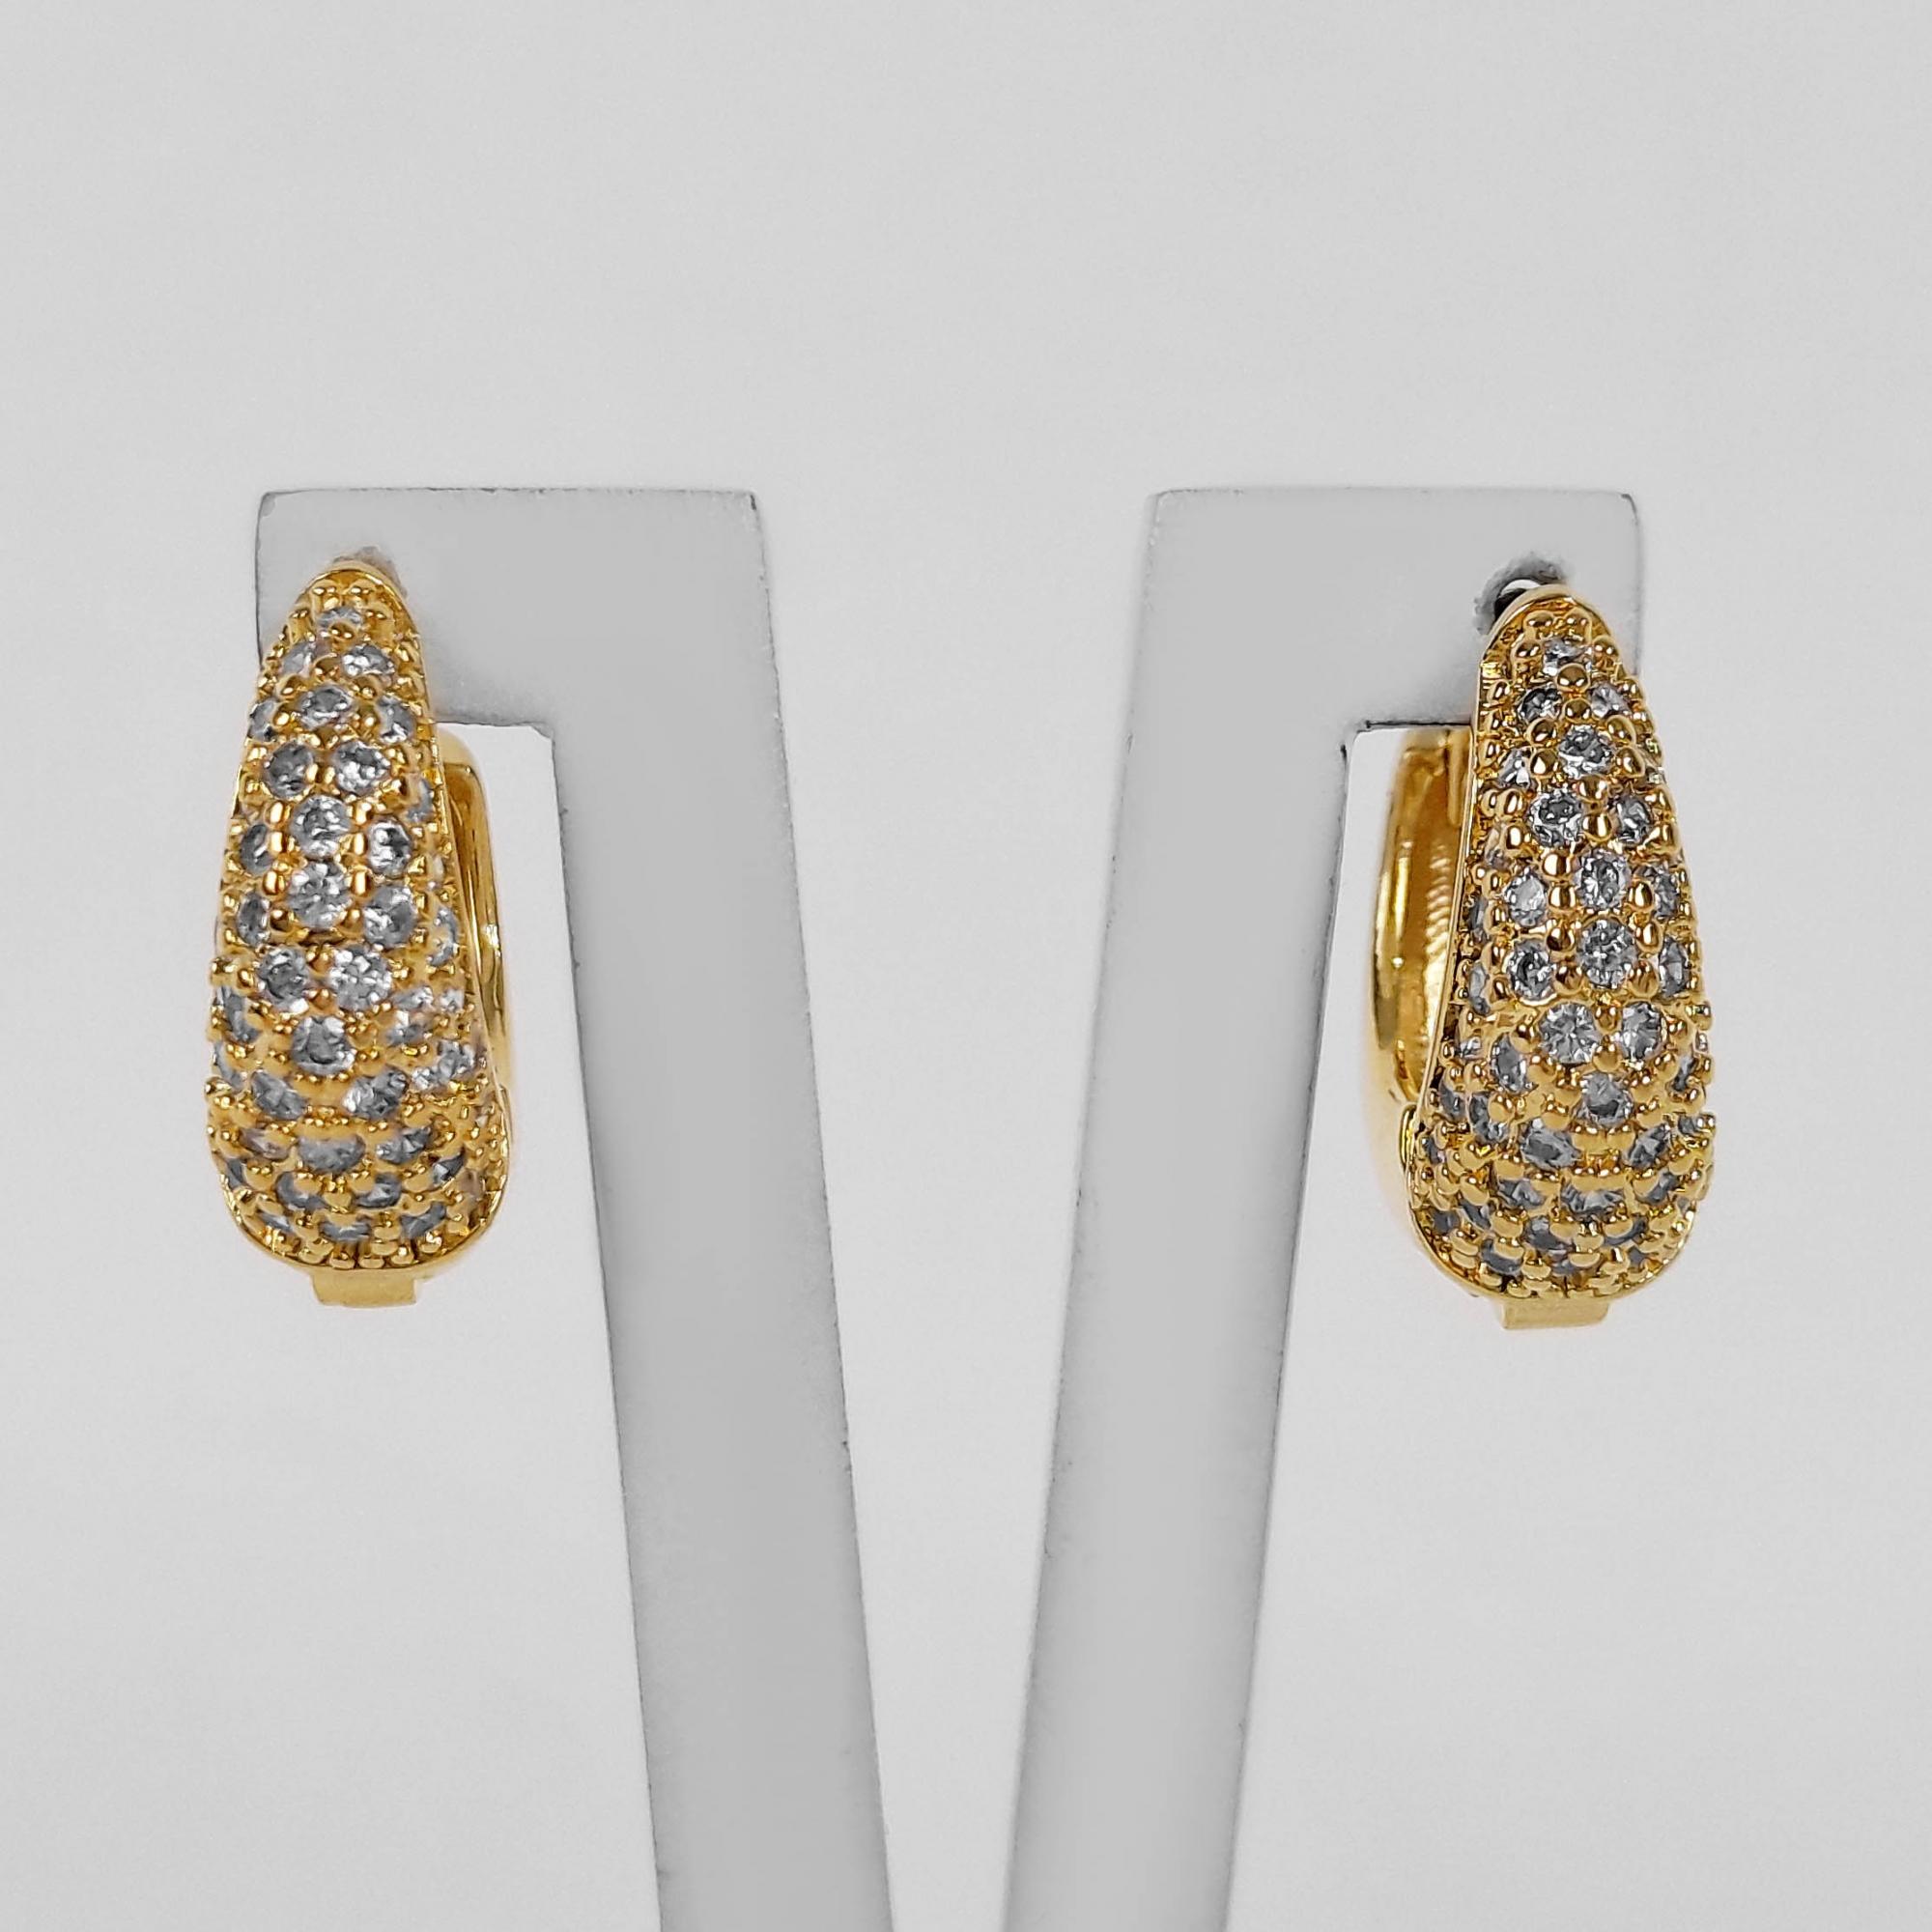 Brinco Argola Abaulada 1,5 cm Zircônias Folheado a Ouro 18k  - Lunozê Joias